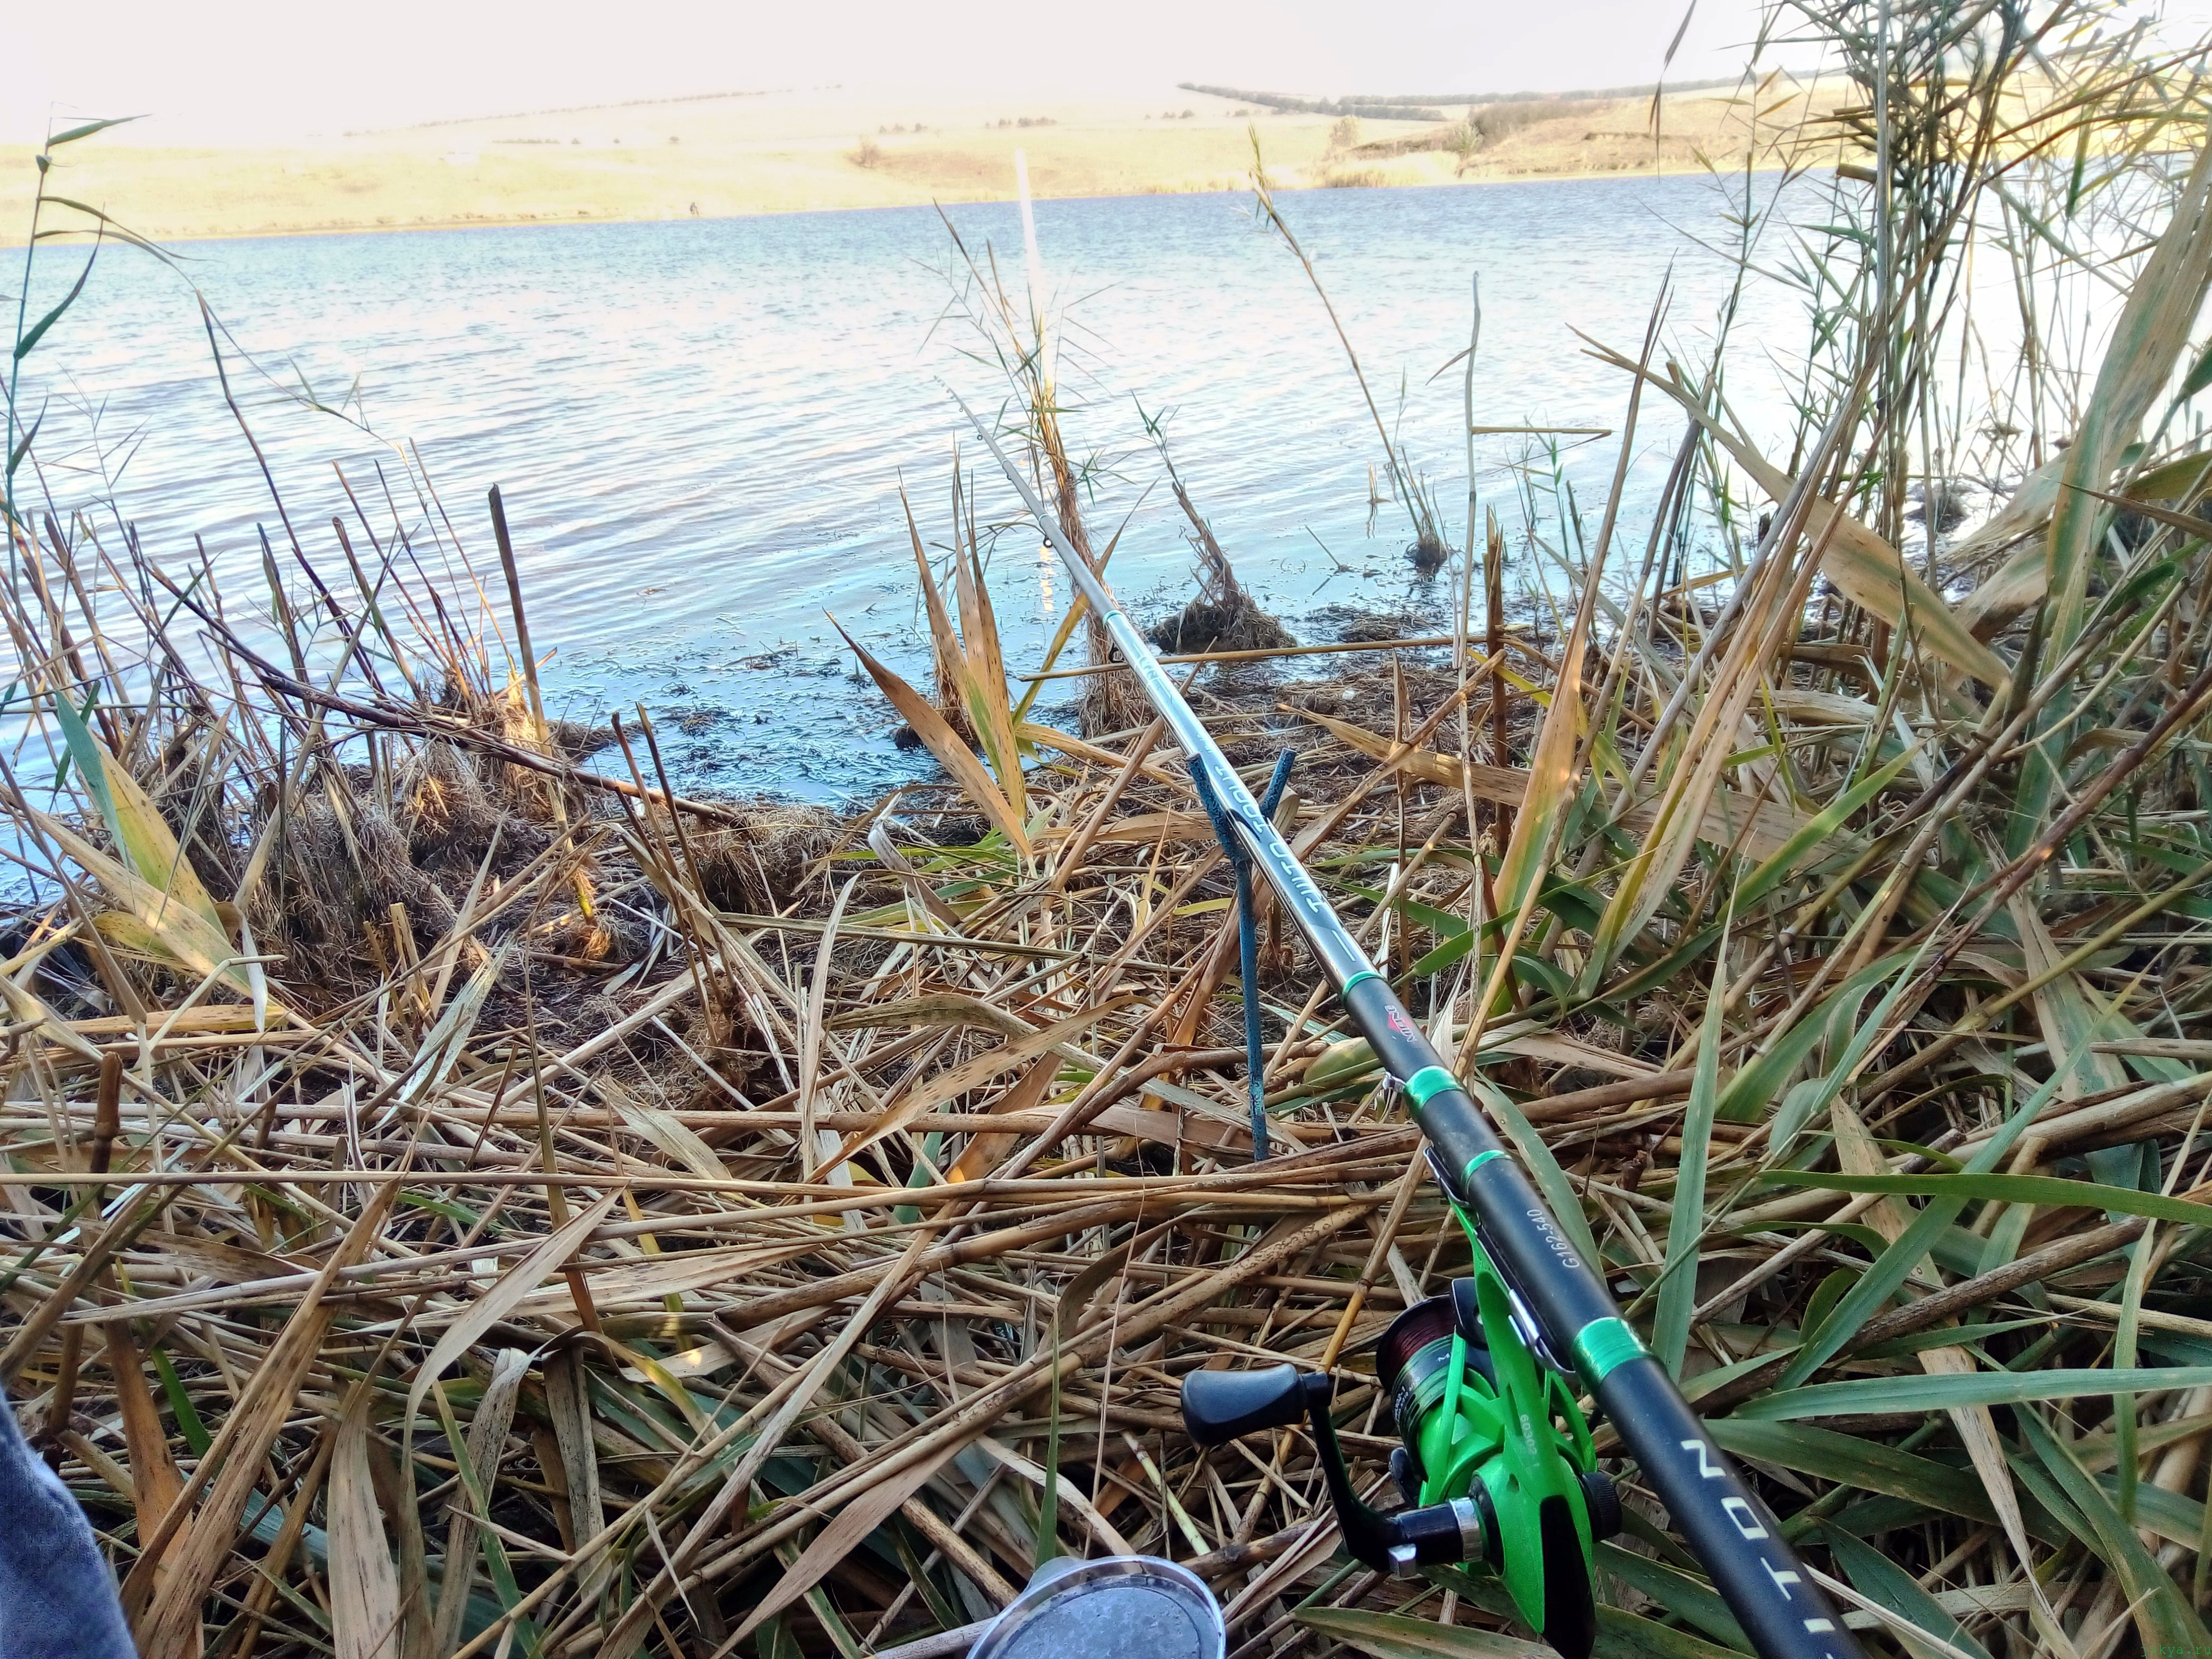 Ловля карася на удочку фото заметка из моей реальности в Крыму jokya.ru